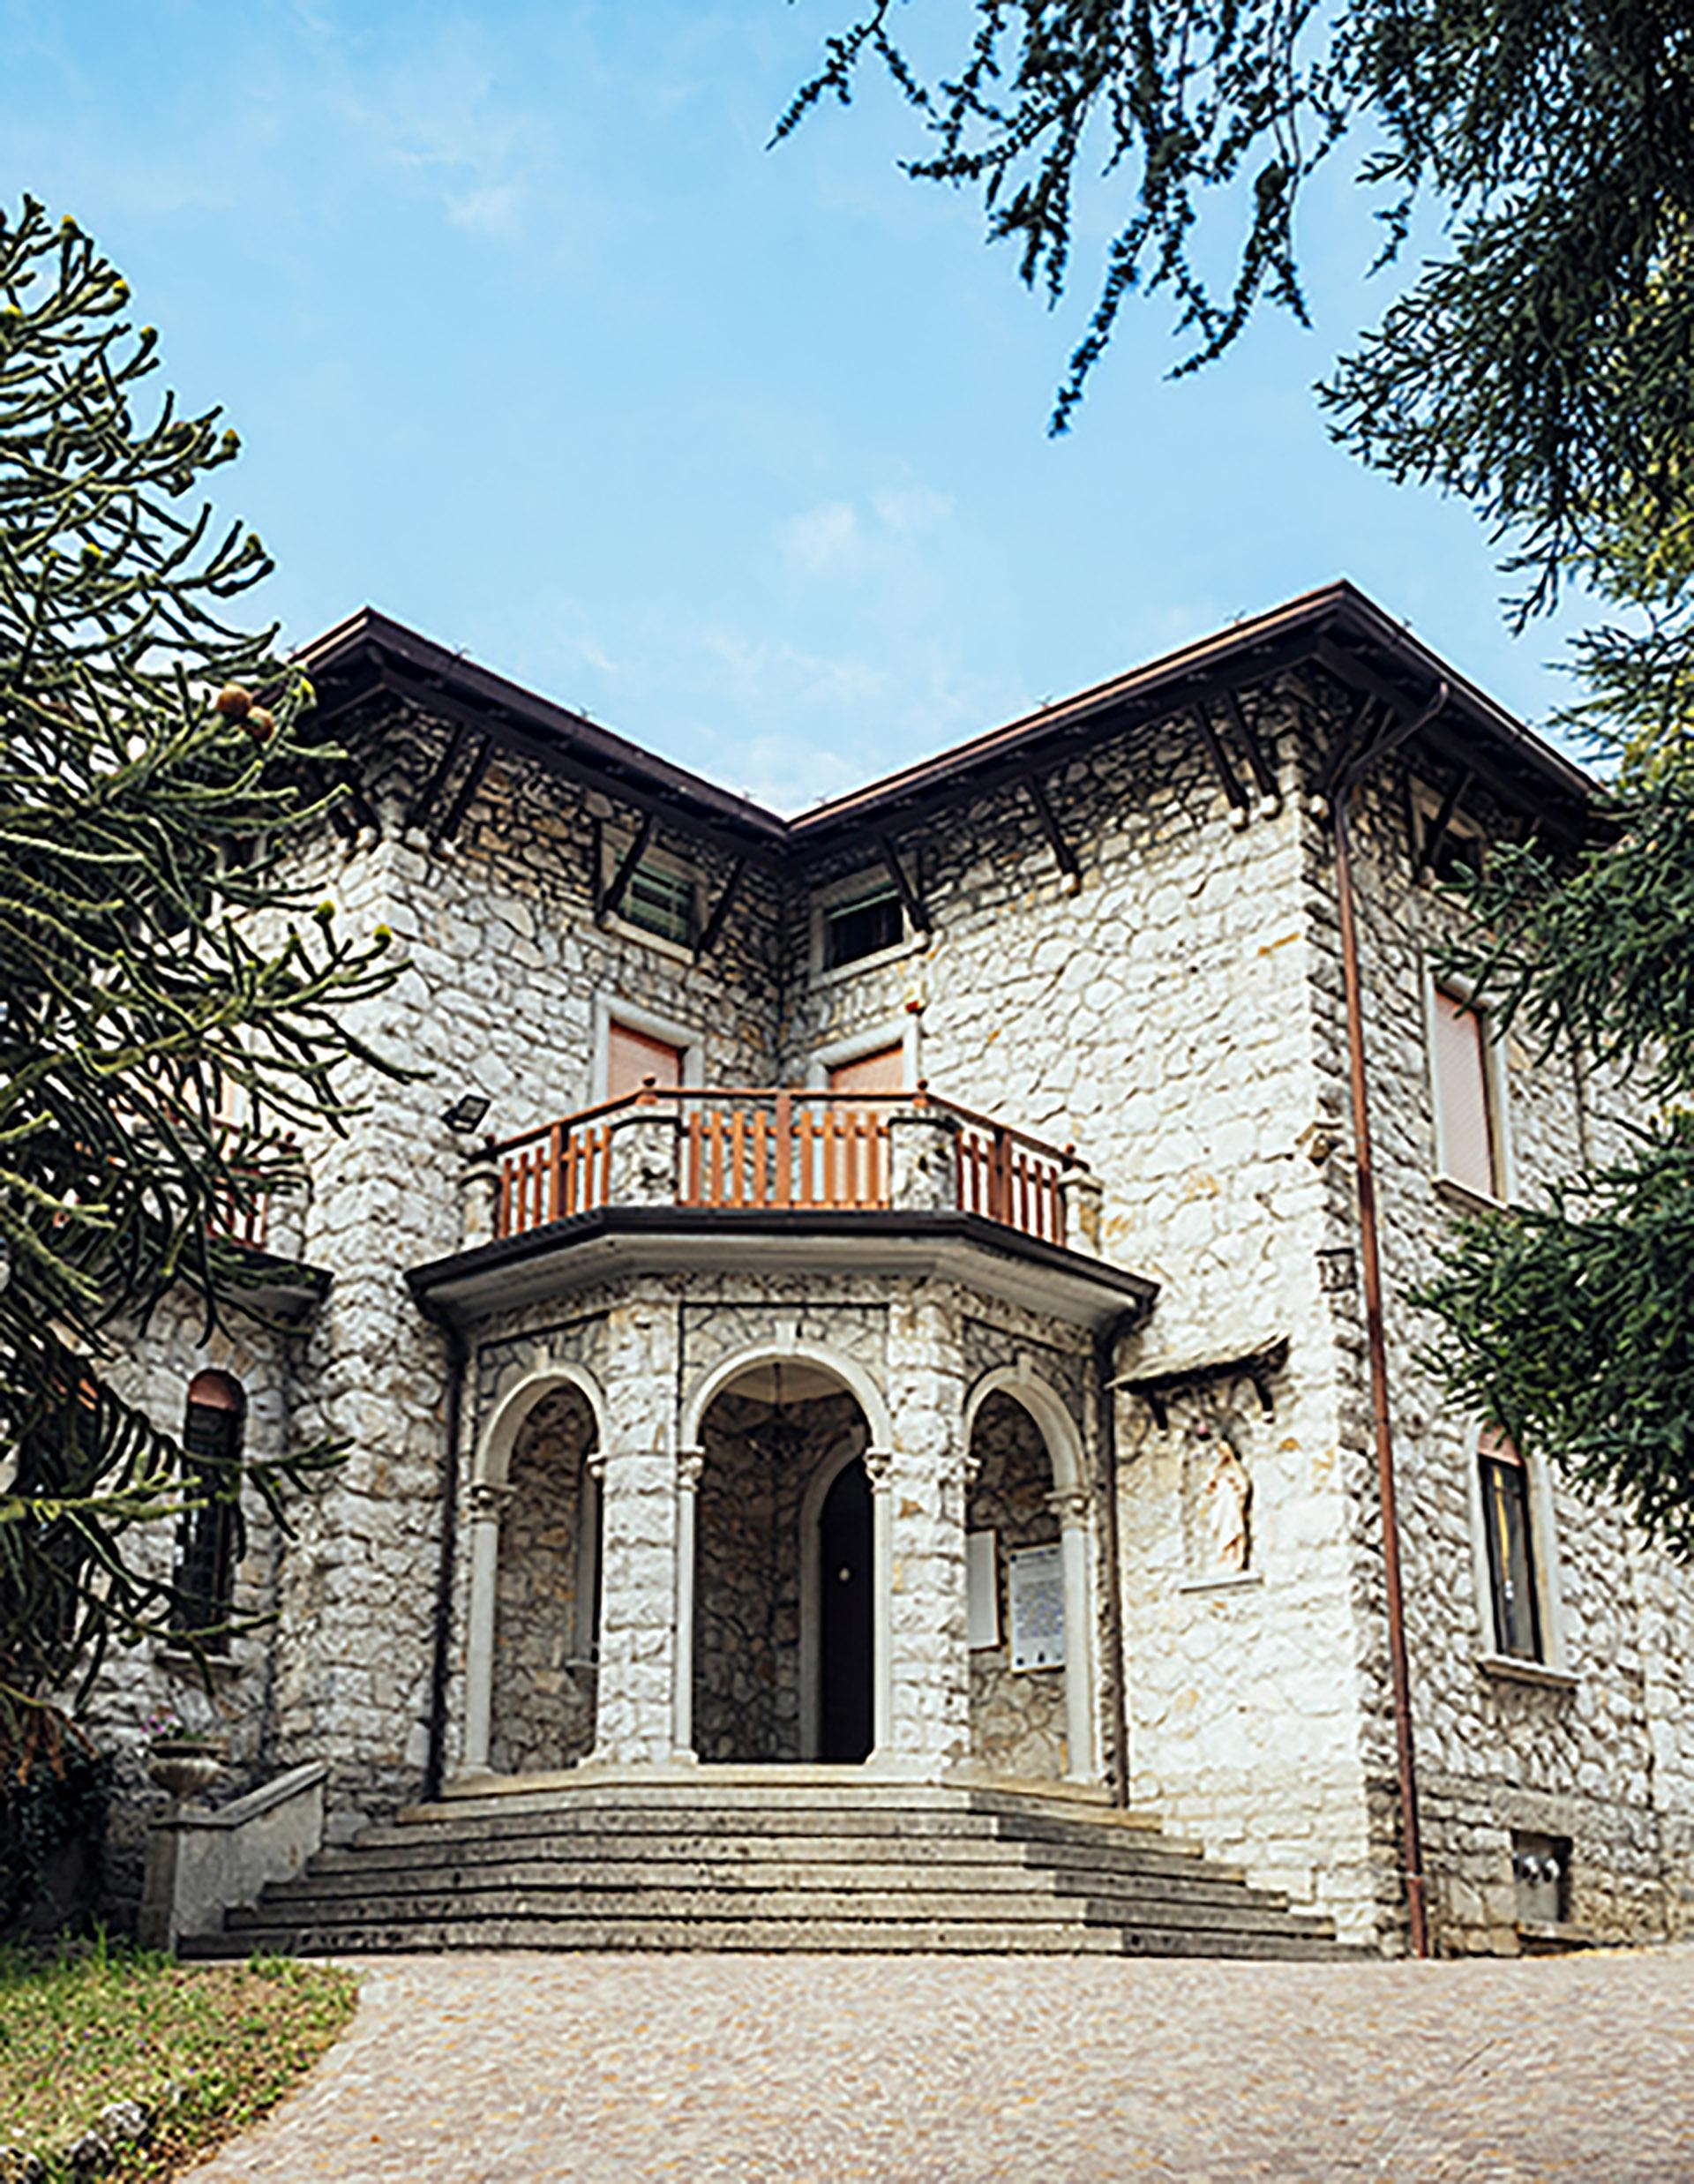 La imponente Villa Clotilde alberga hoy día al edificio de información de Esino Lario, el archivo del pueblo y la biblioteca pública. Por 300.000 euros, pude usted darle el uso que desee